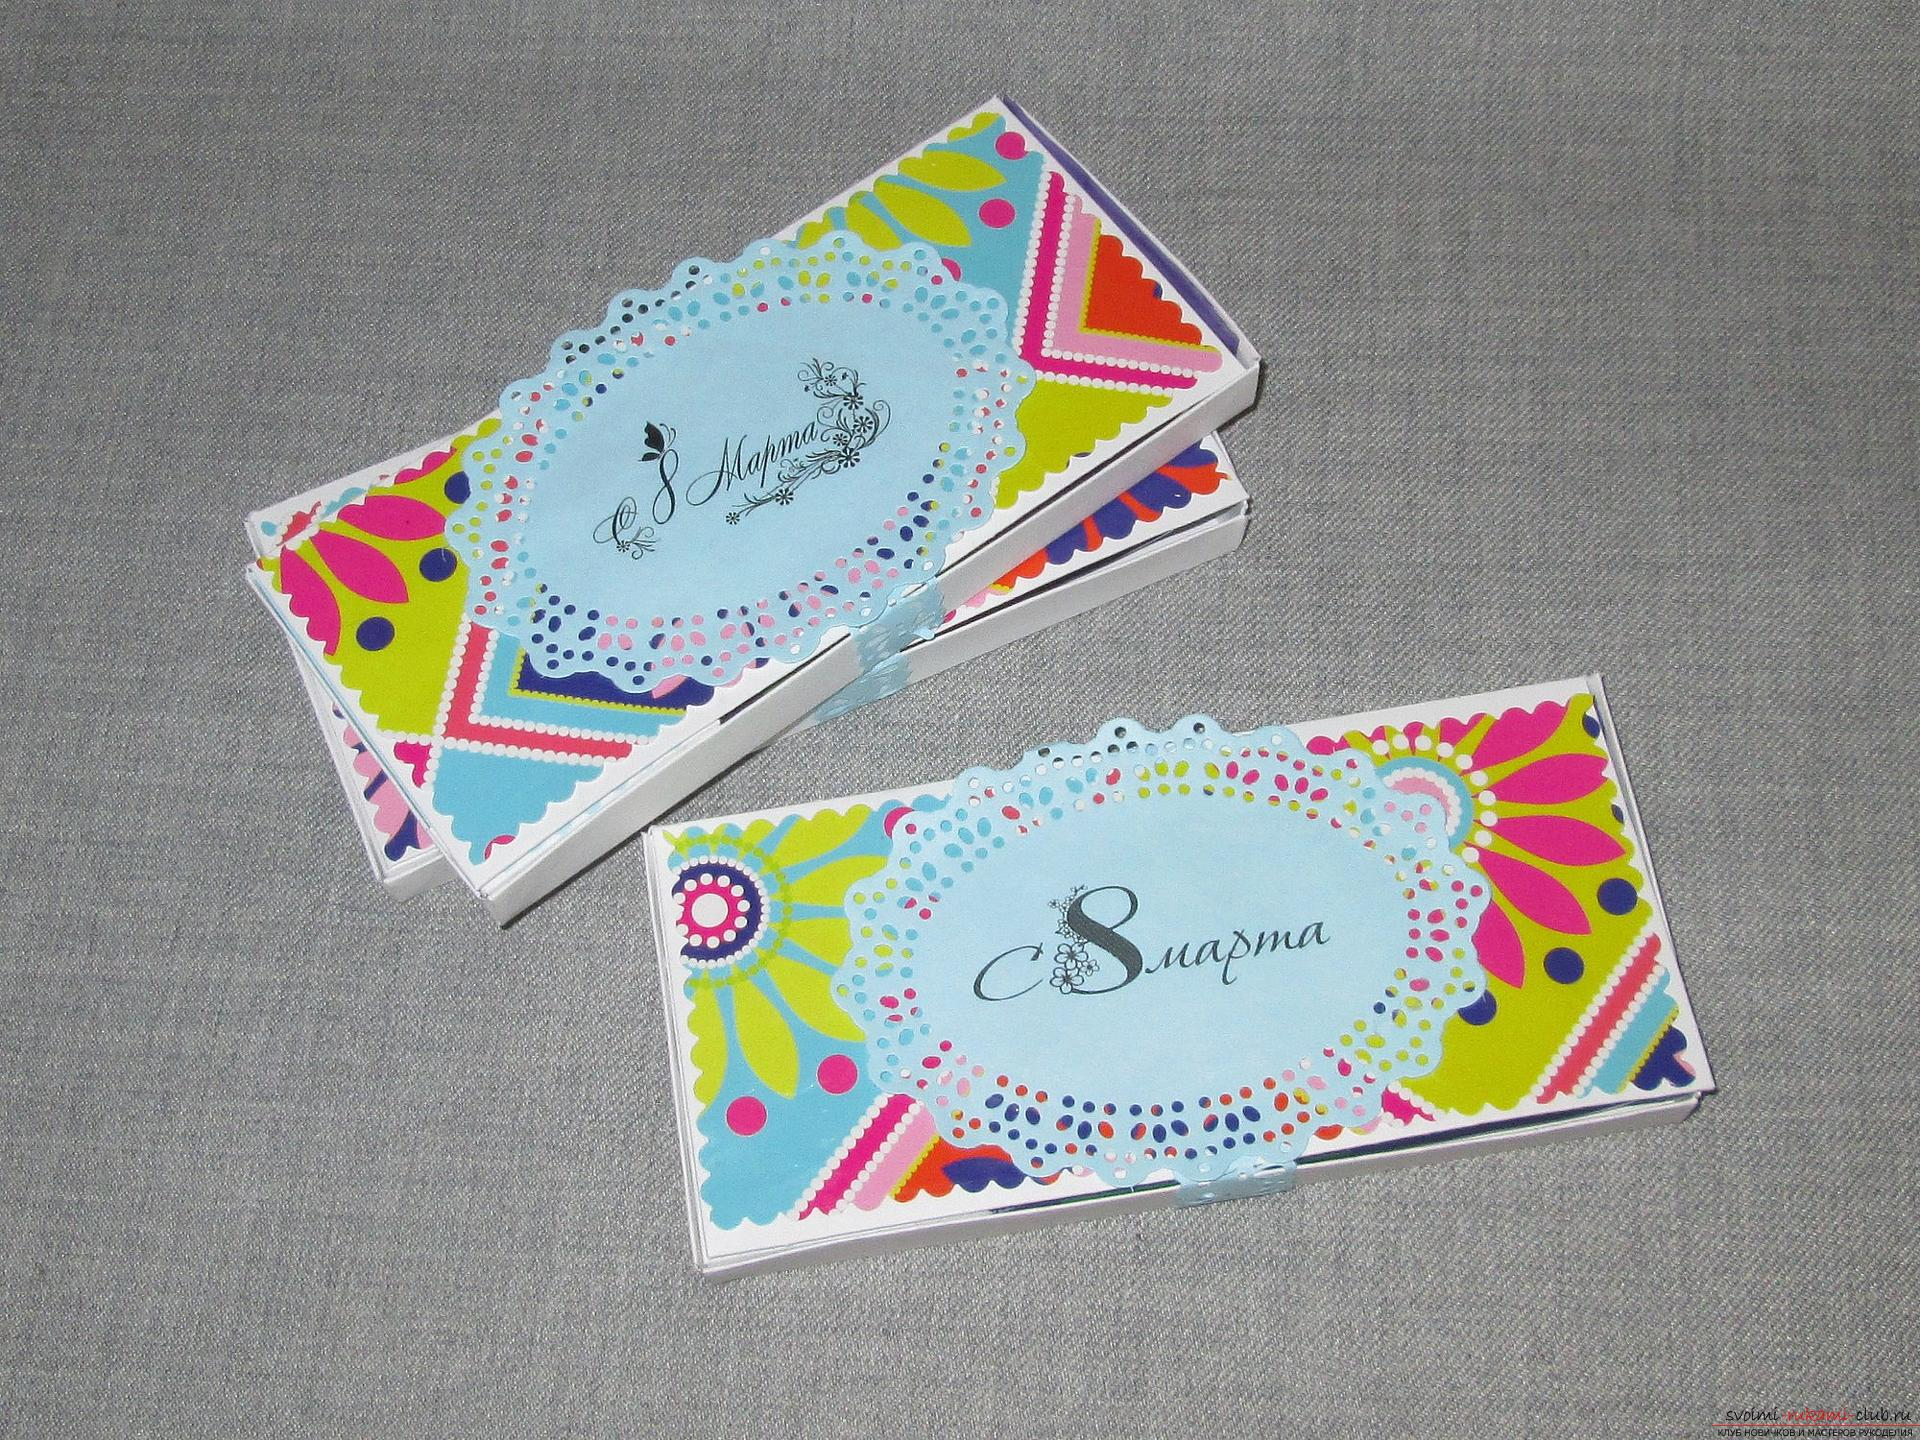 Шоколадка из бумаги своими руками